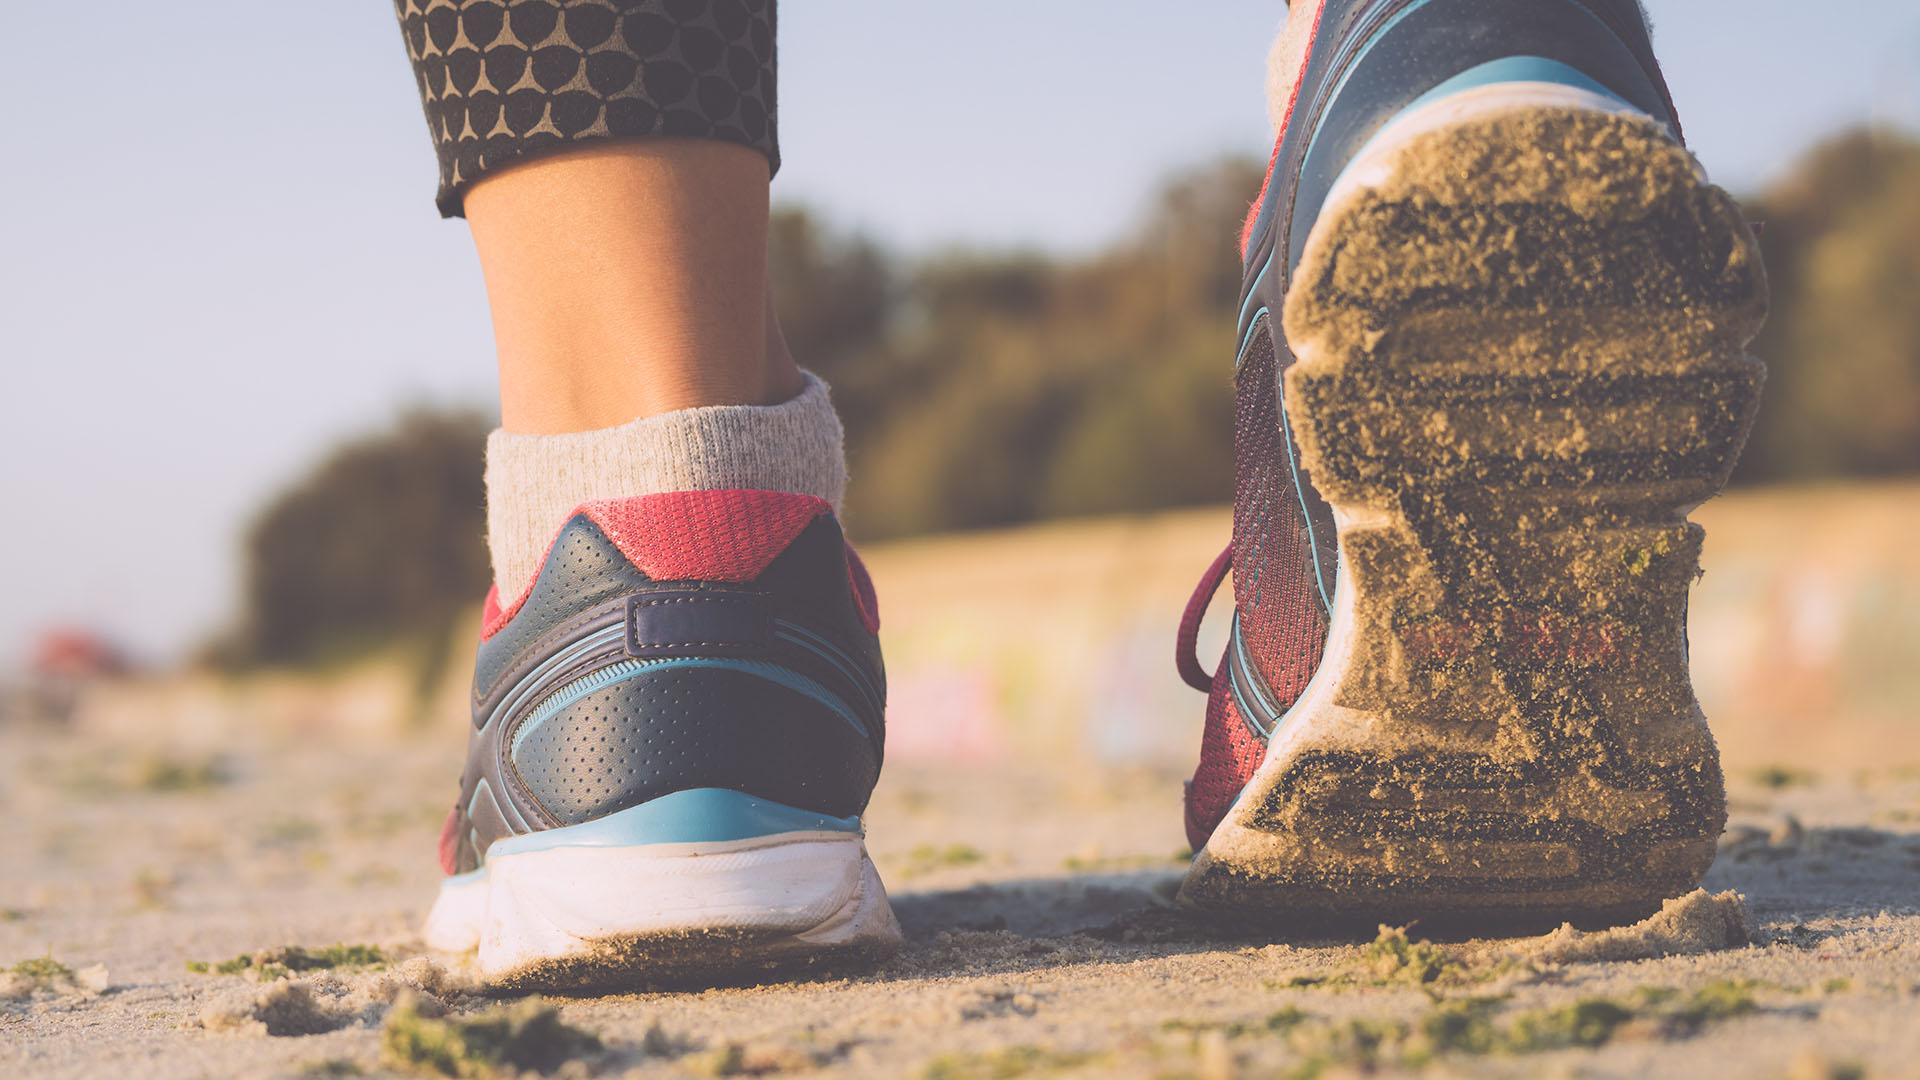 El uso calzado es fundamental hasta adaptarse a la superficie (iStock)